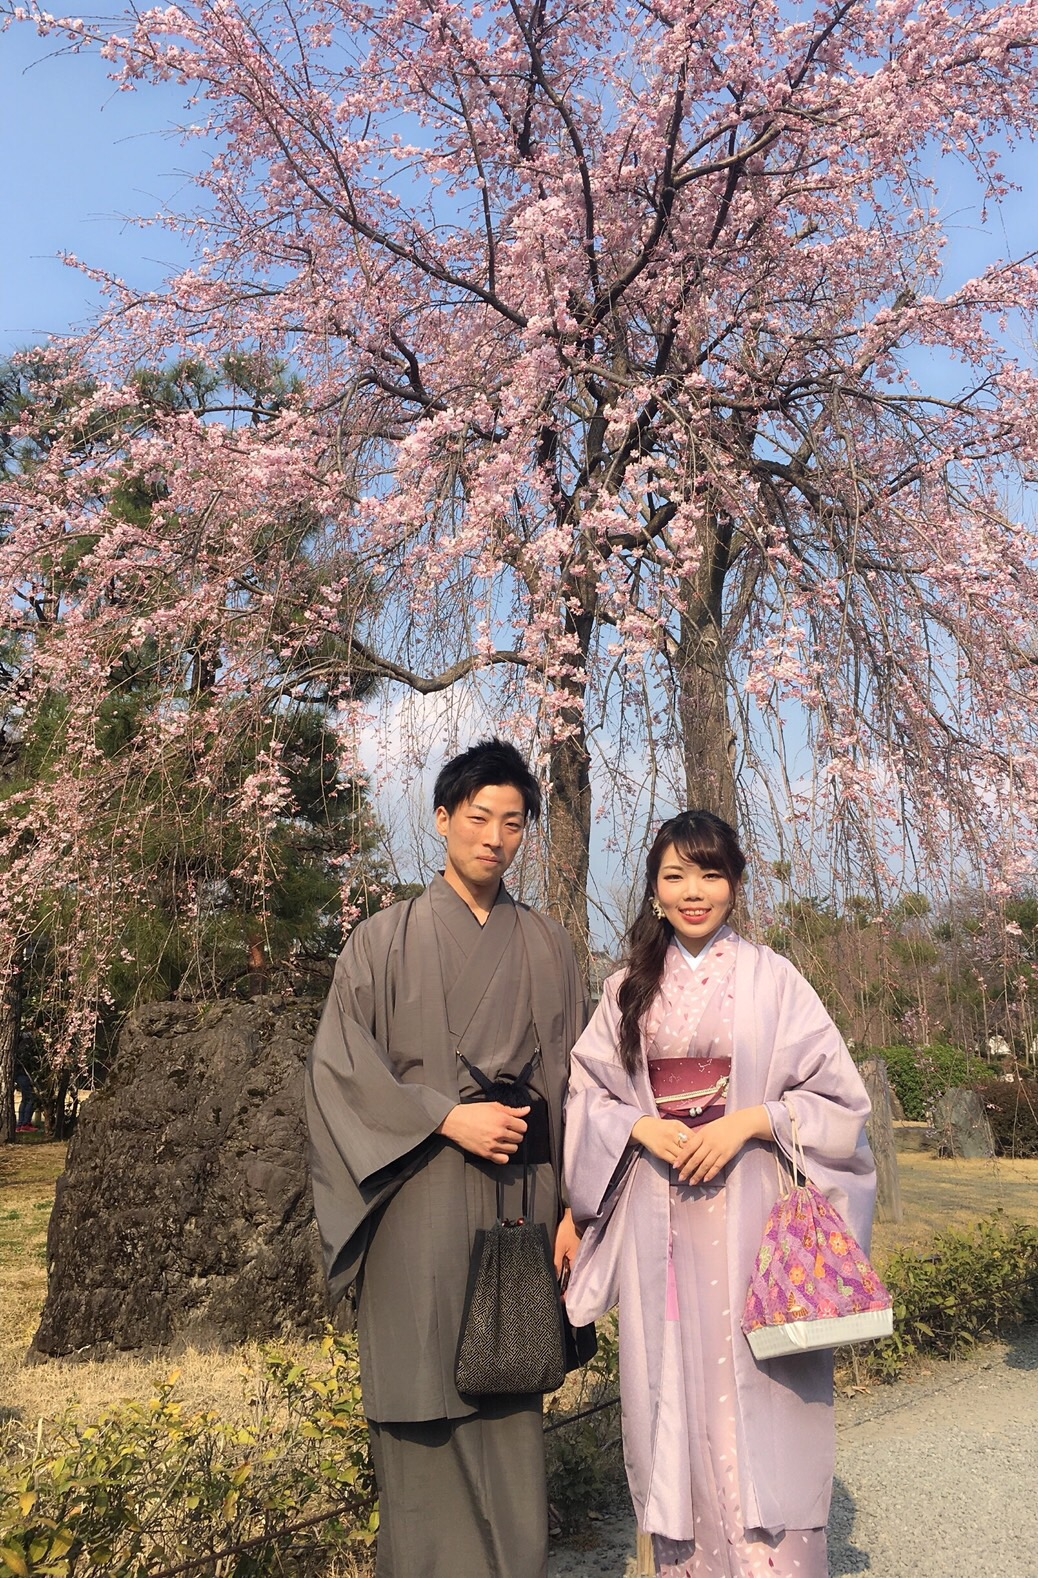 今日も京都御苑へお花見♡2019年3月26日15